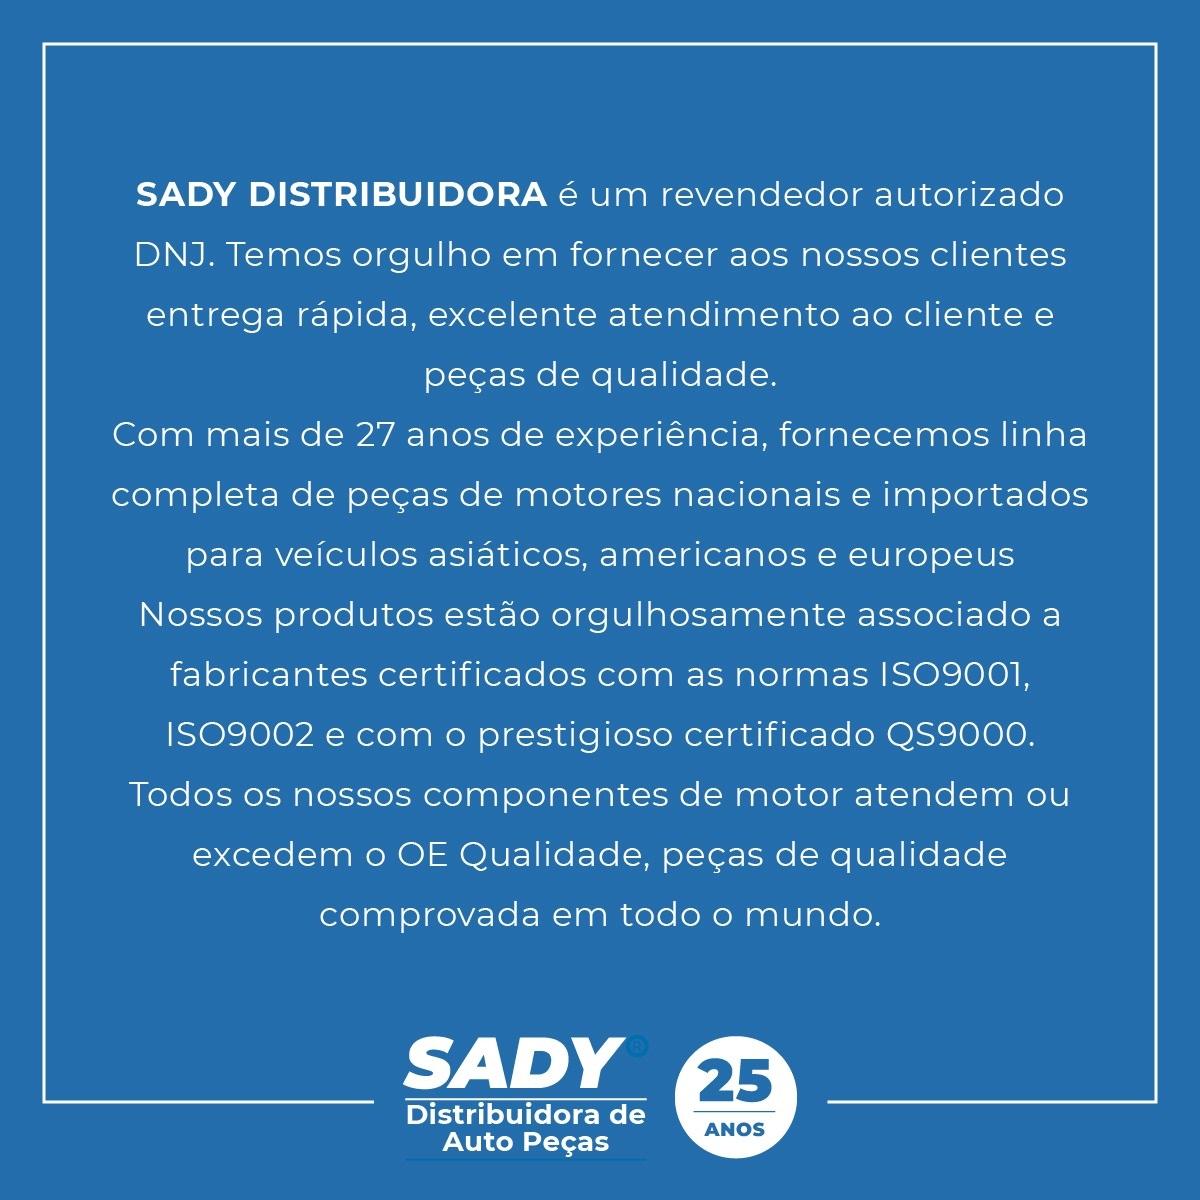 BOMBA DE OLEO DO MOTOR CITROEN/PEUGEOT 1.4/1.5 8V 21 DENT